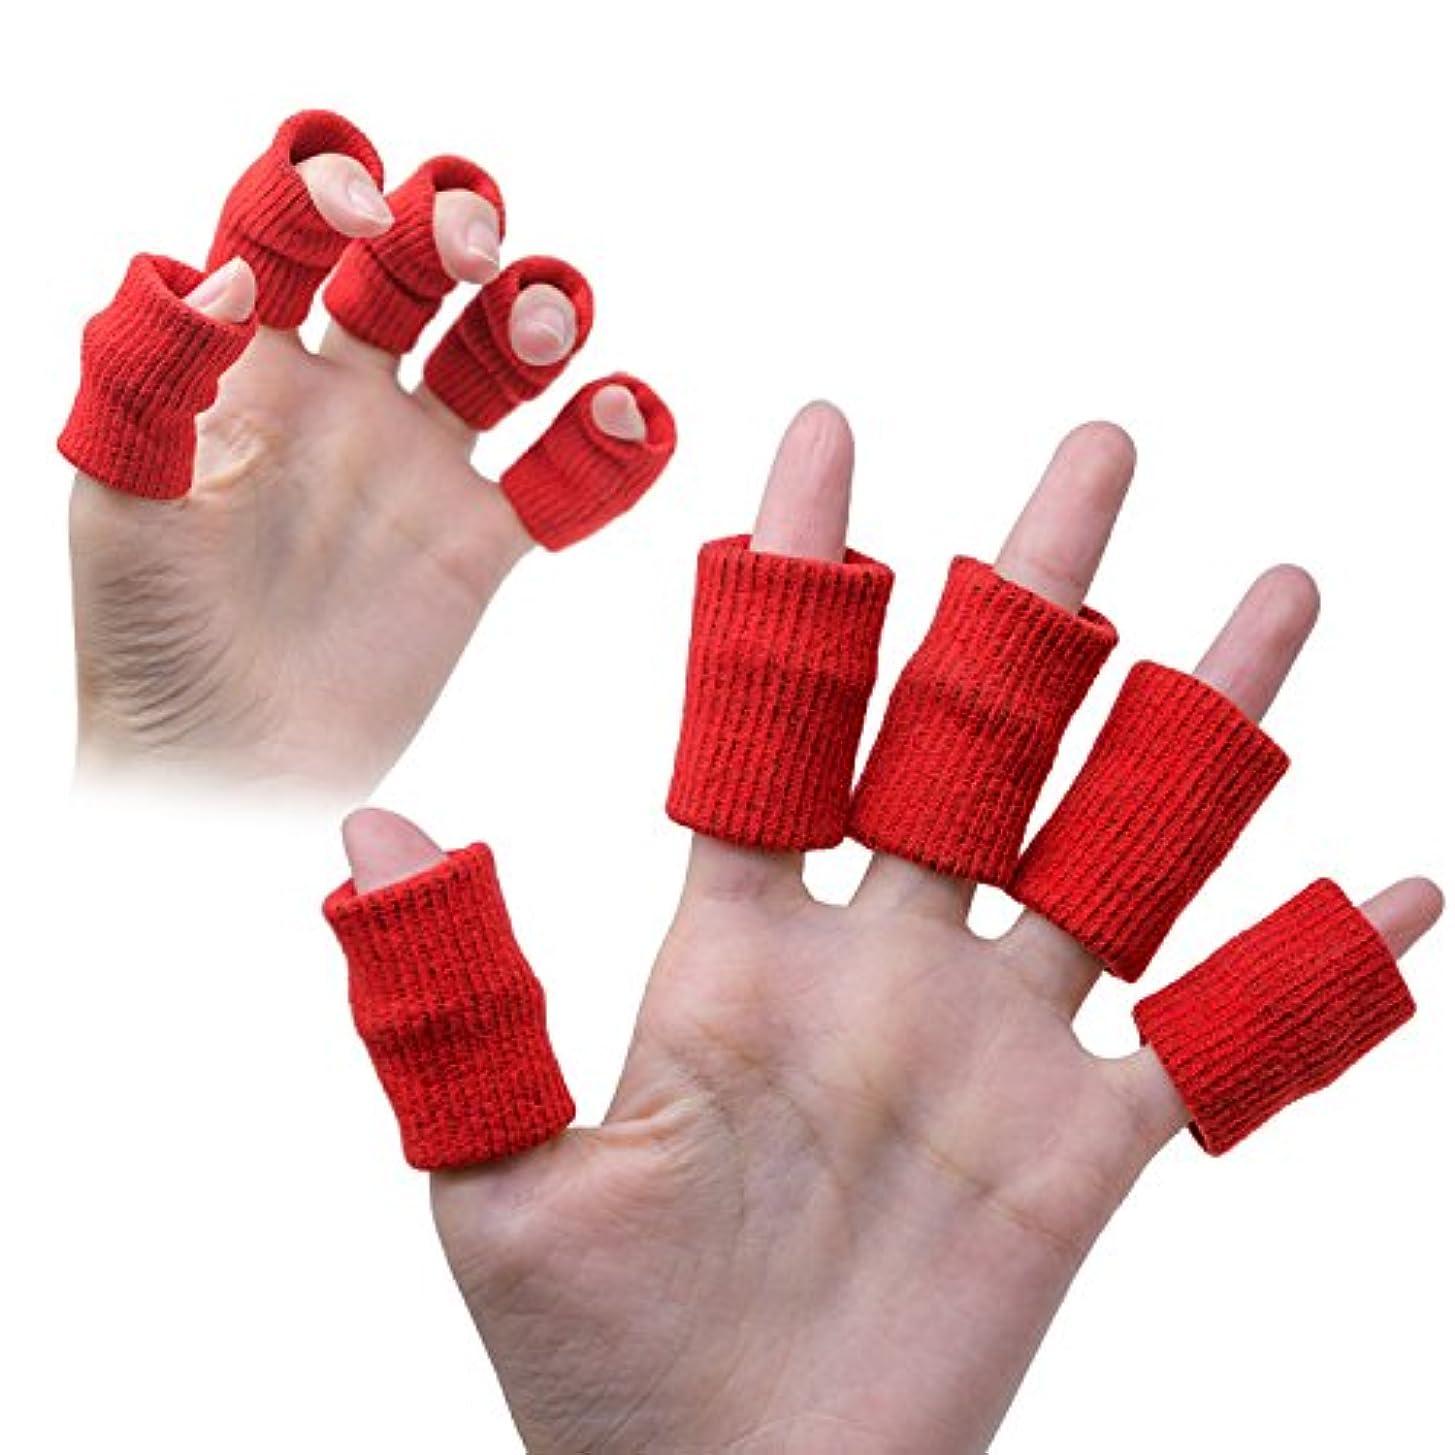 すぐに見ました再編成するSumifun 親指プロテクター 足指チューブ ? ゲルプロテクター ケア指スリーブ&指先保護は関節炎、硬さ、痛みを緩和する